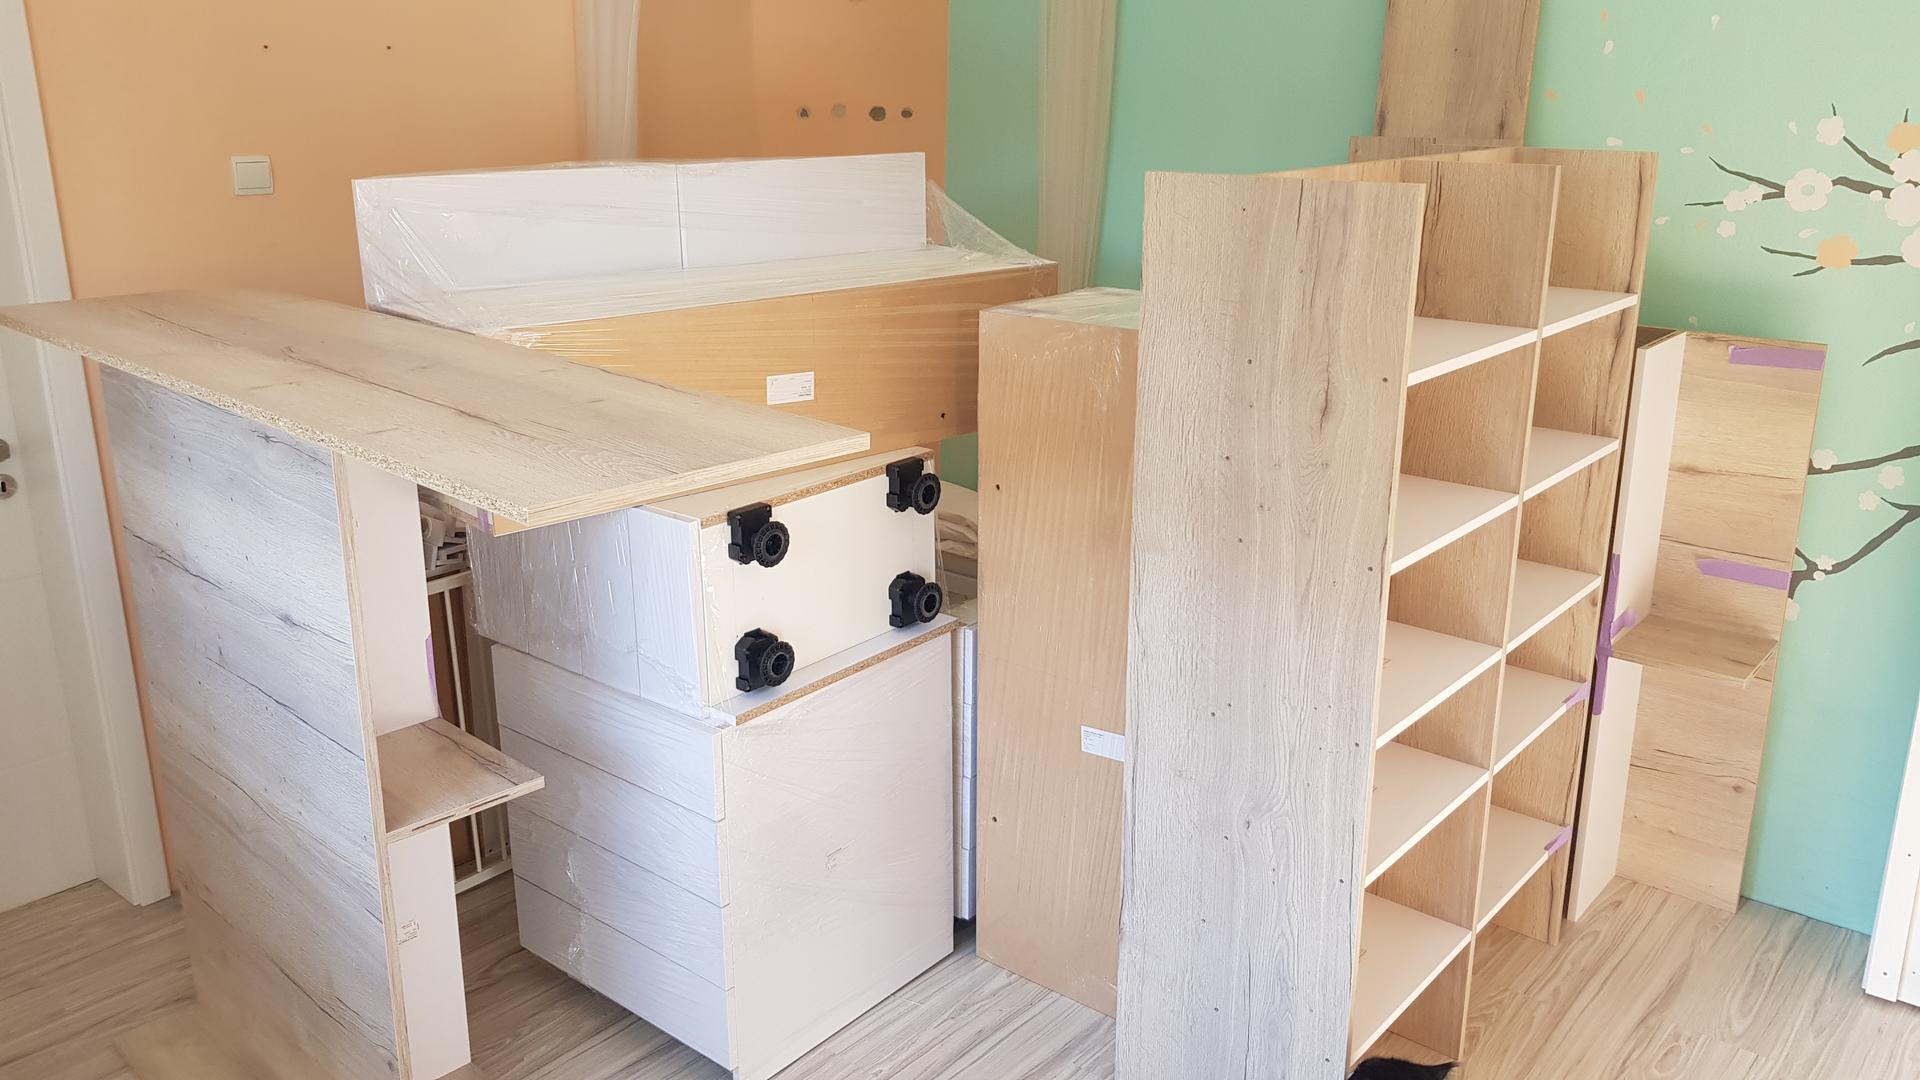 Naša rekonštrukcia - nábytok vyrobený, môže sa skladať :)